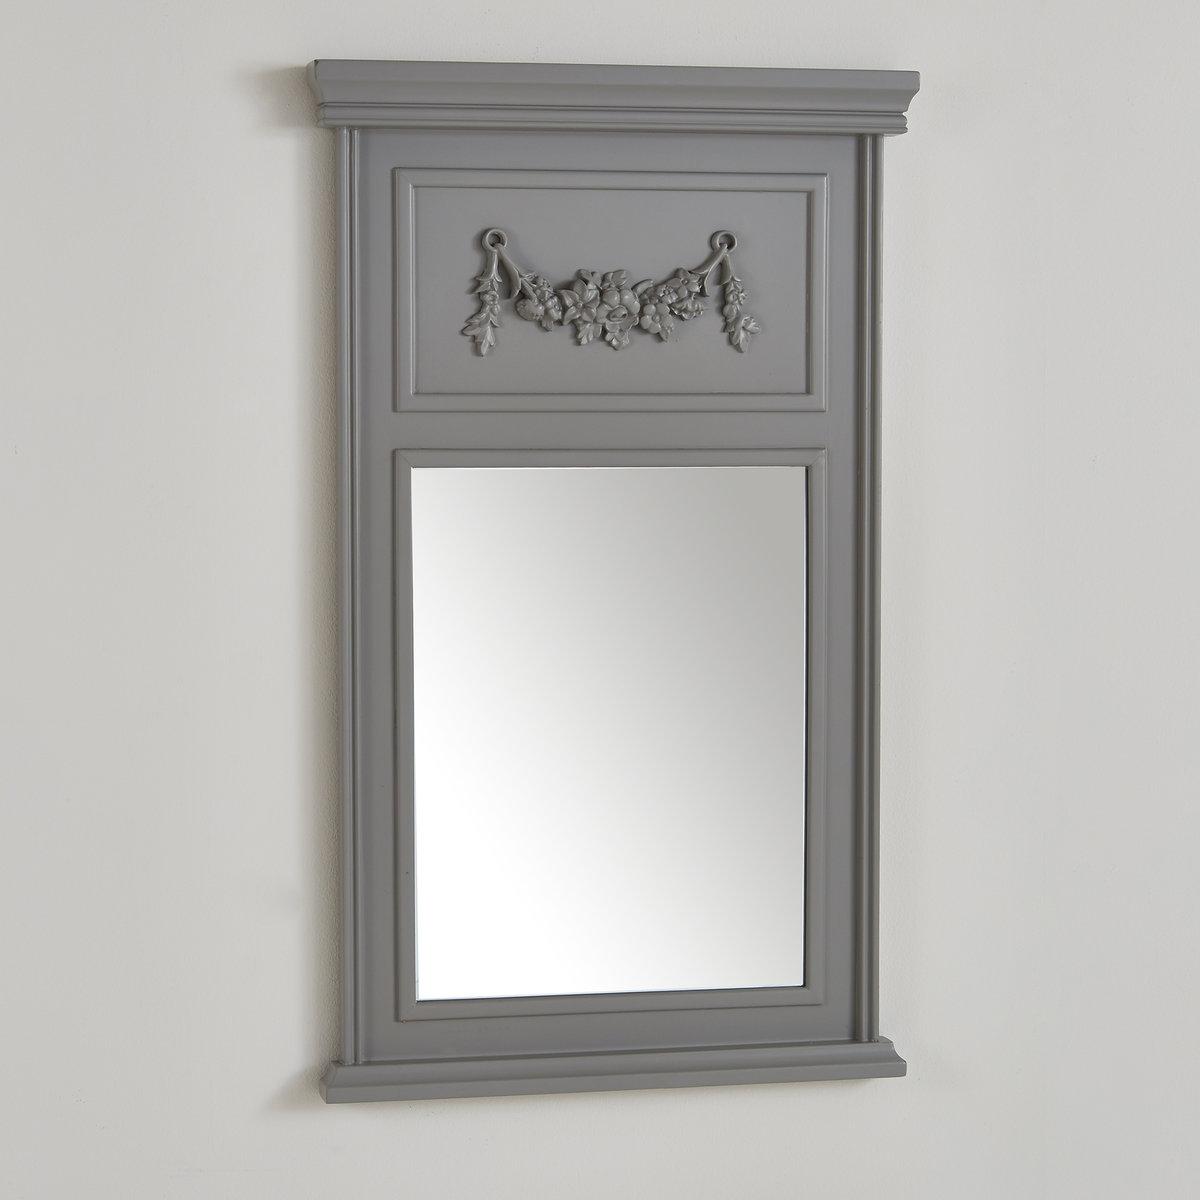 Зеркало MedioОписание зеркала Medio :Декор в верхней части из полимерной смолыХарактеристики зеркала Medio :сосна, отделка из нитроцеллюлозы.Размеры трюмо Medio :Ширина : 54 смВысота : 90 смТолщина : 5 см<br><br>Цвет: белый,серый